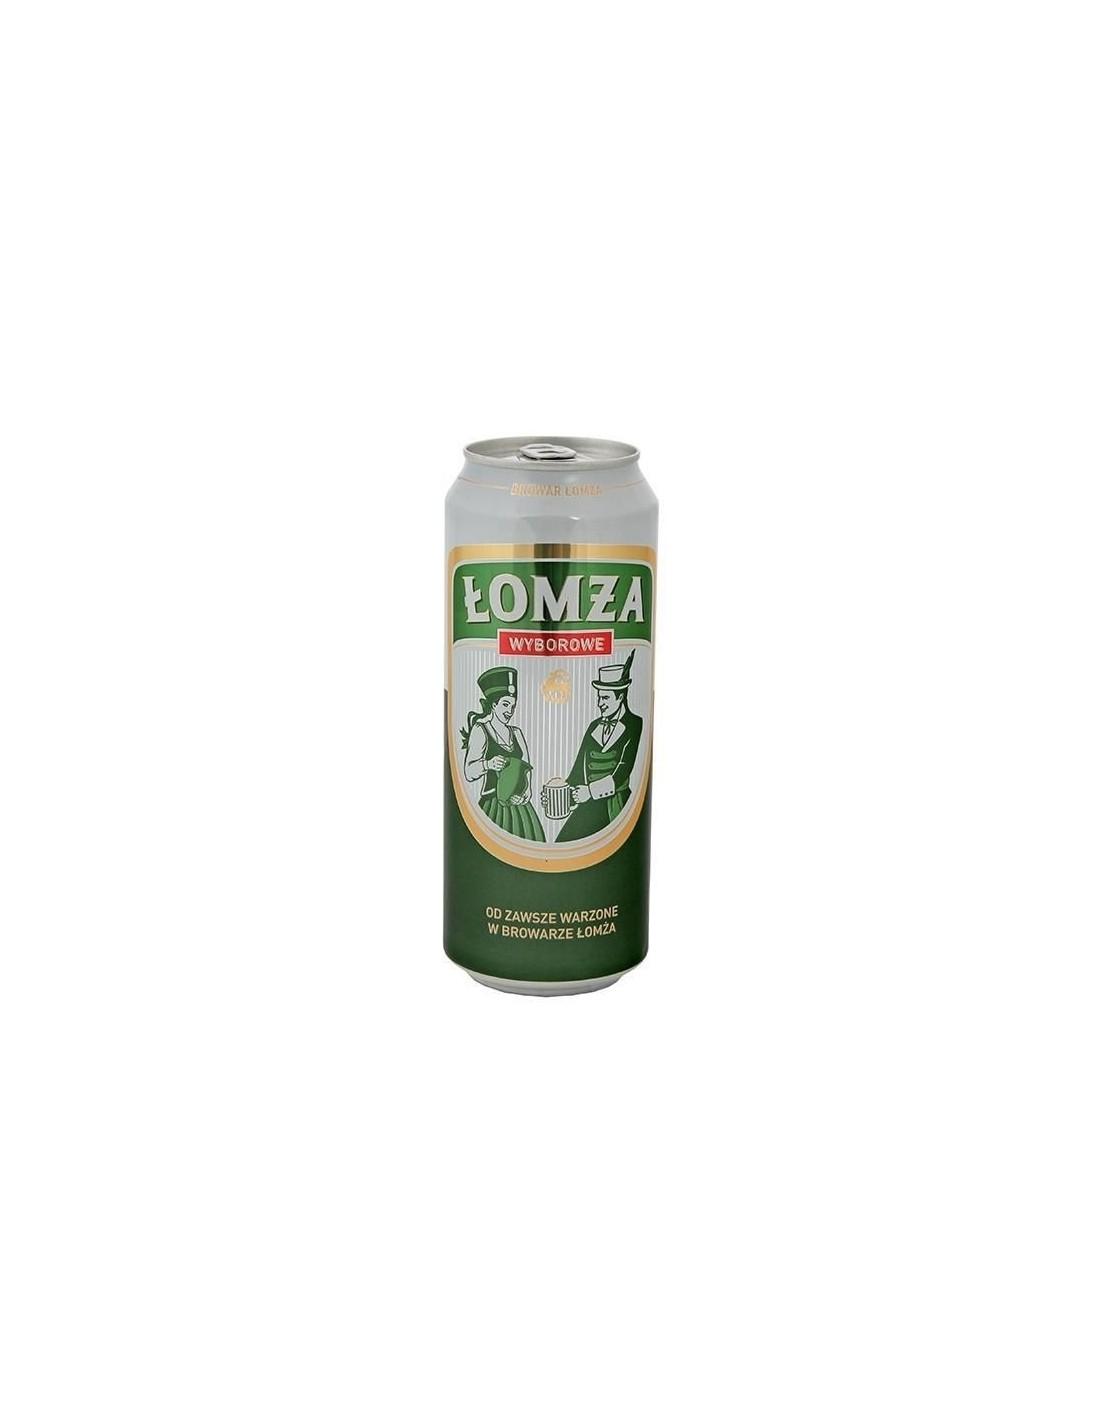 Bere blonda Lomza Wyborowe, 6% alc., 0.5L, Polonia